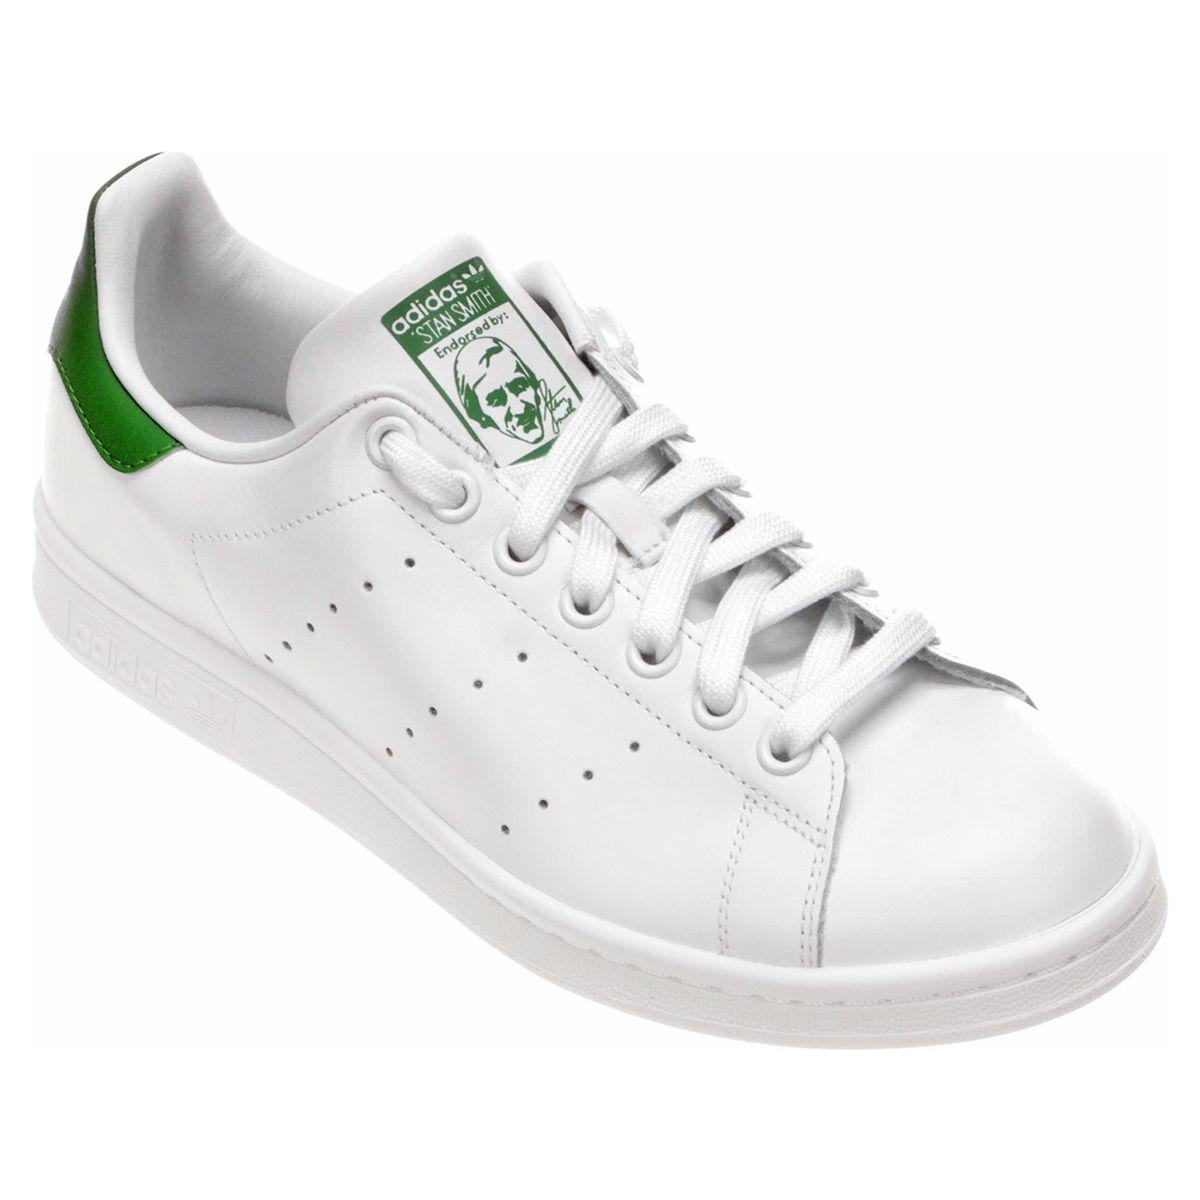 Tênis Adidas Stan Smith Branco e Verde  2dfeca71c5a3d